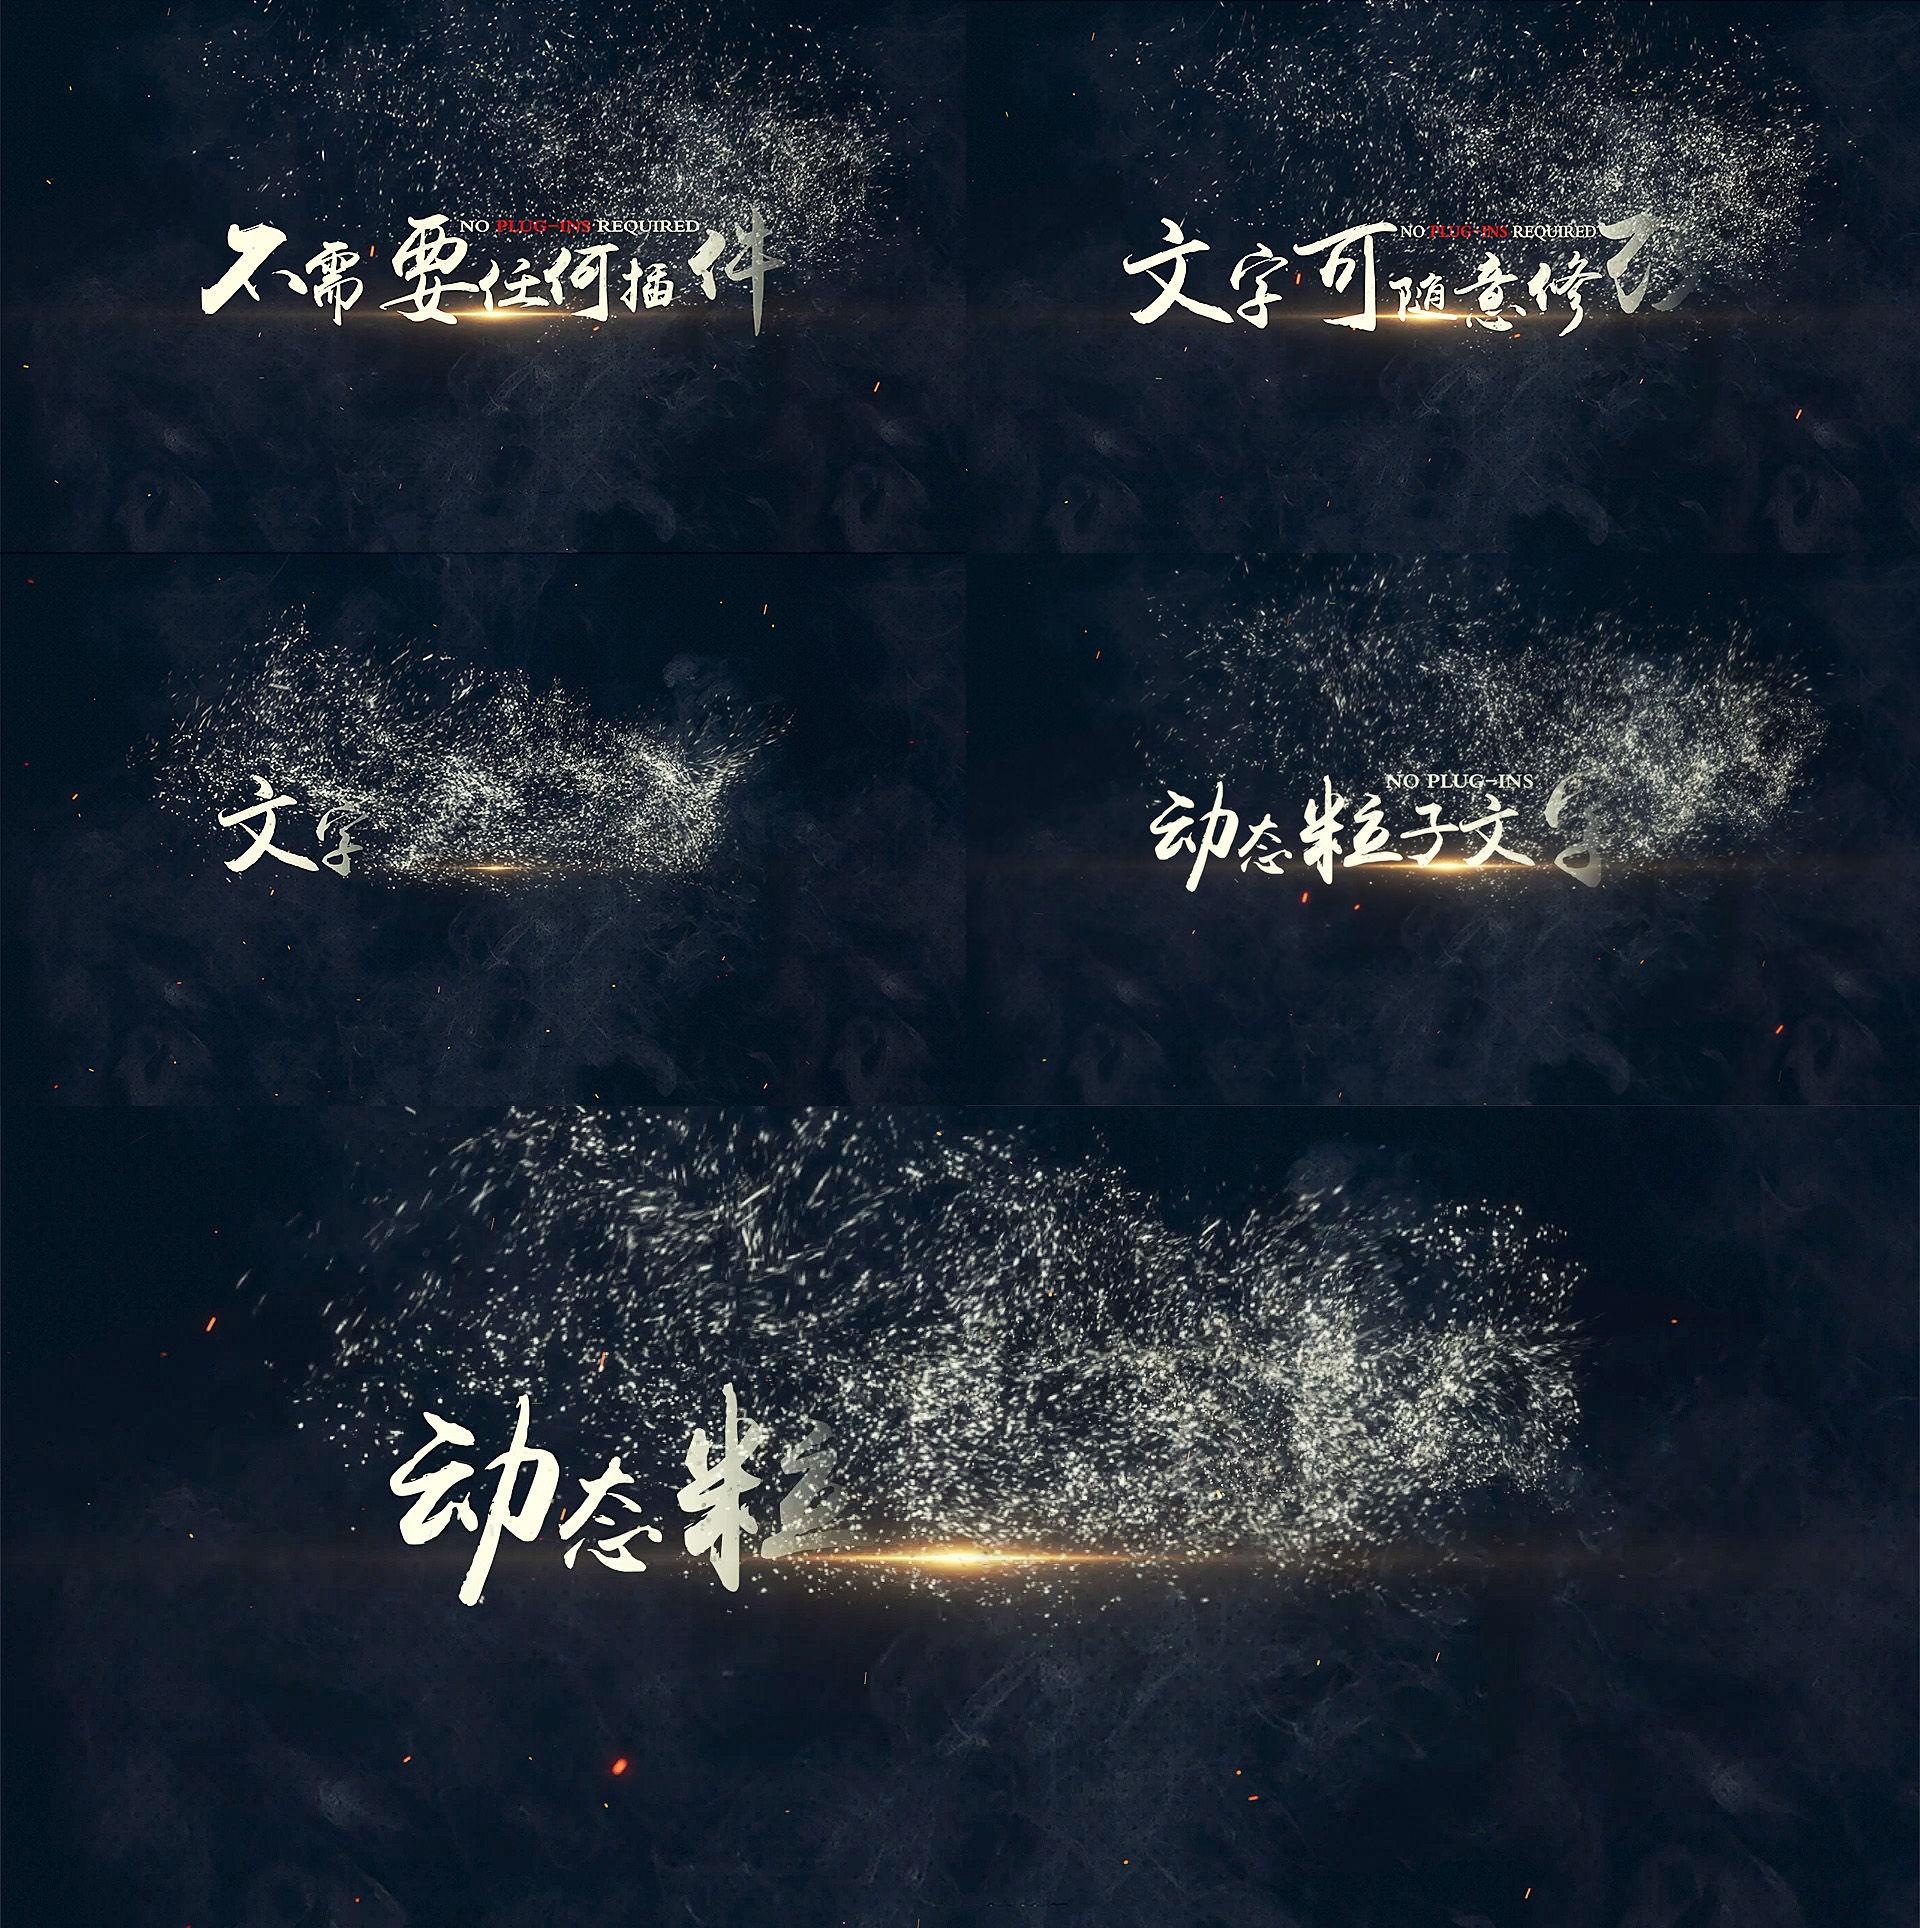 中国风金色水墨粒子飘散文字动画